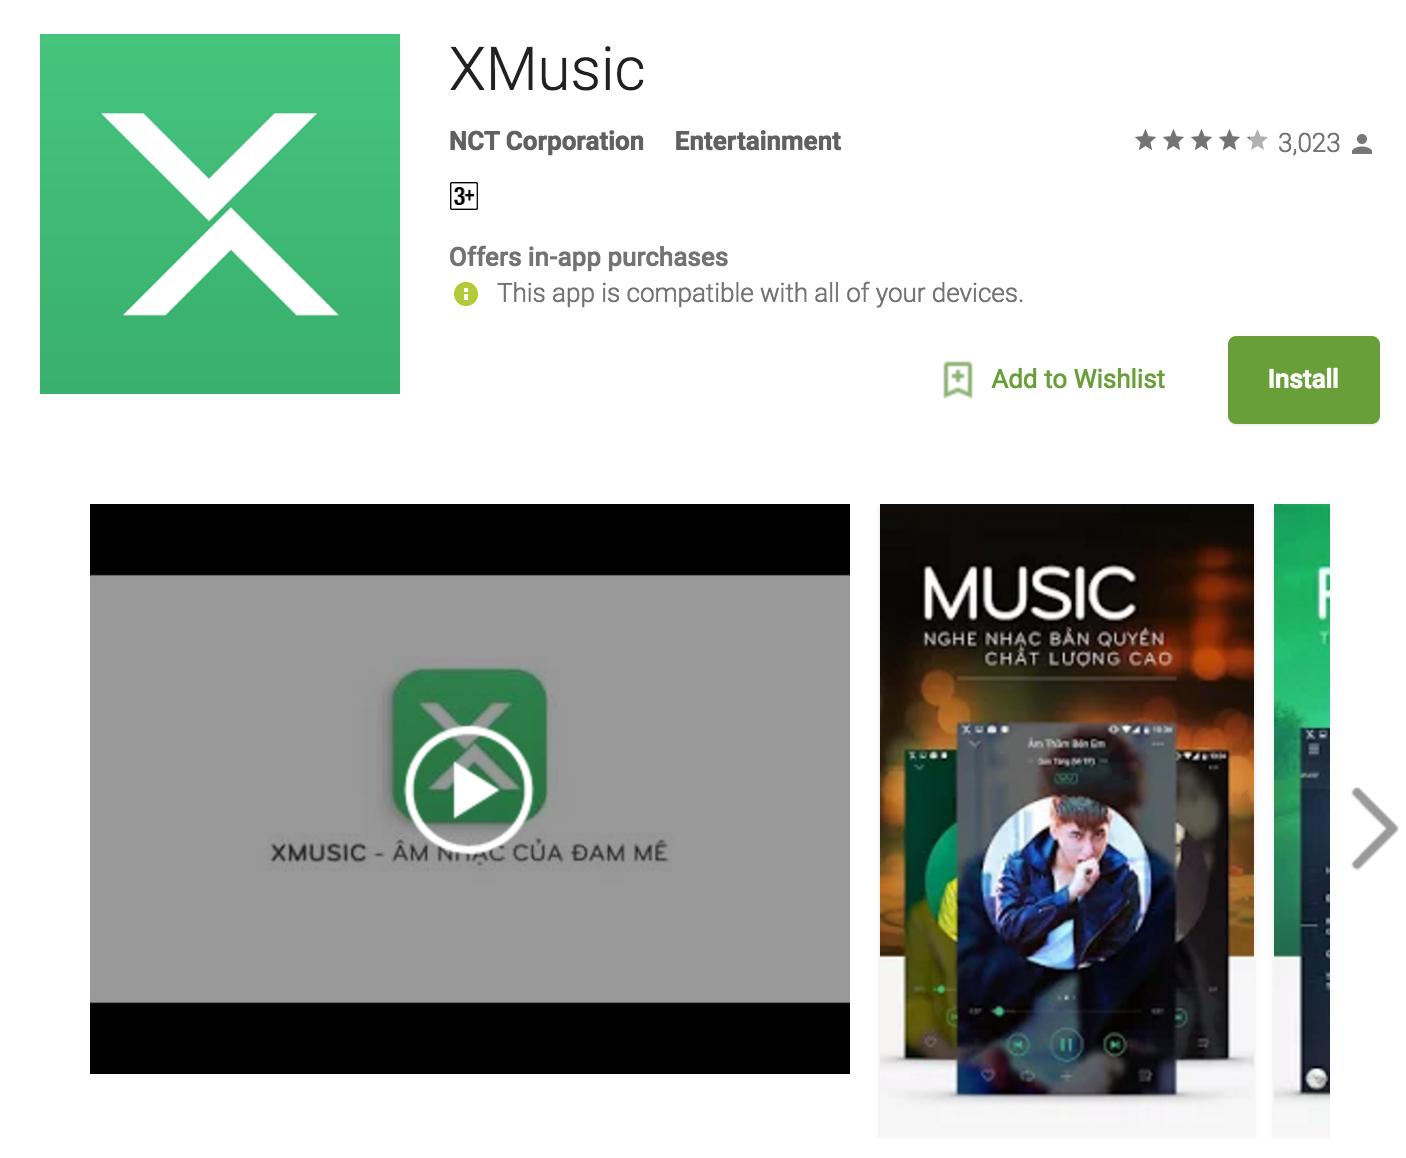 NhacCuaTui tung ứng dụng nghe nhạc bản quyền XMusic ...